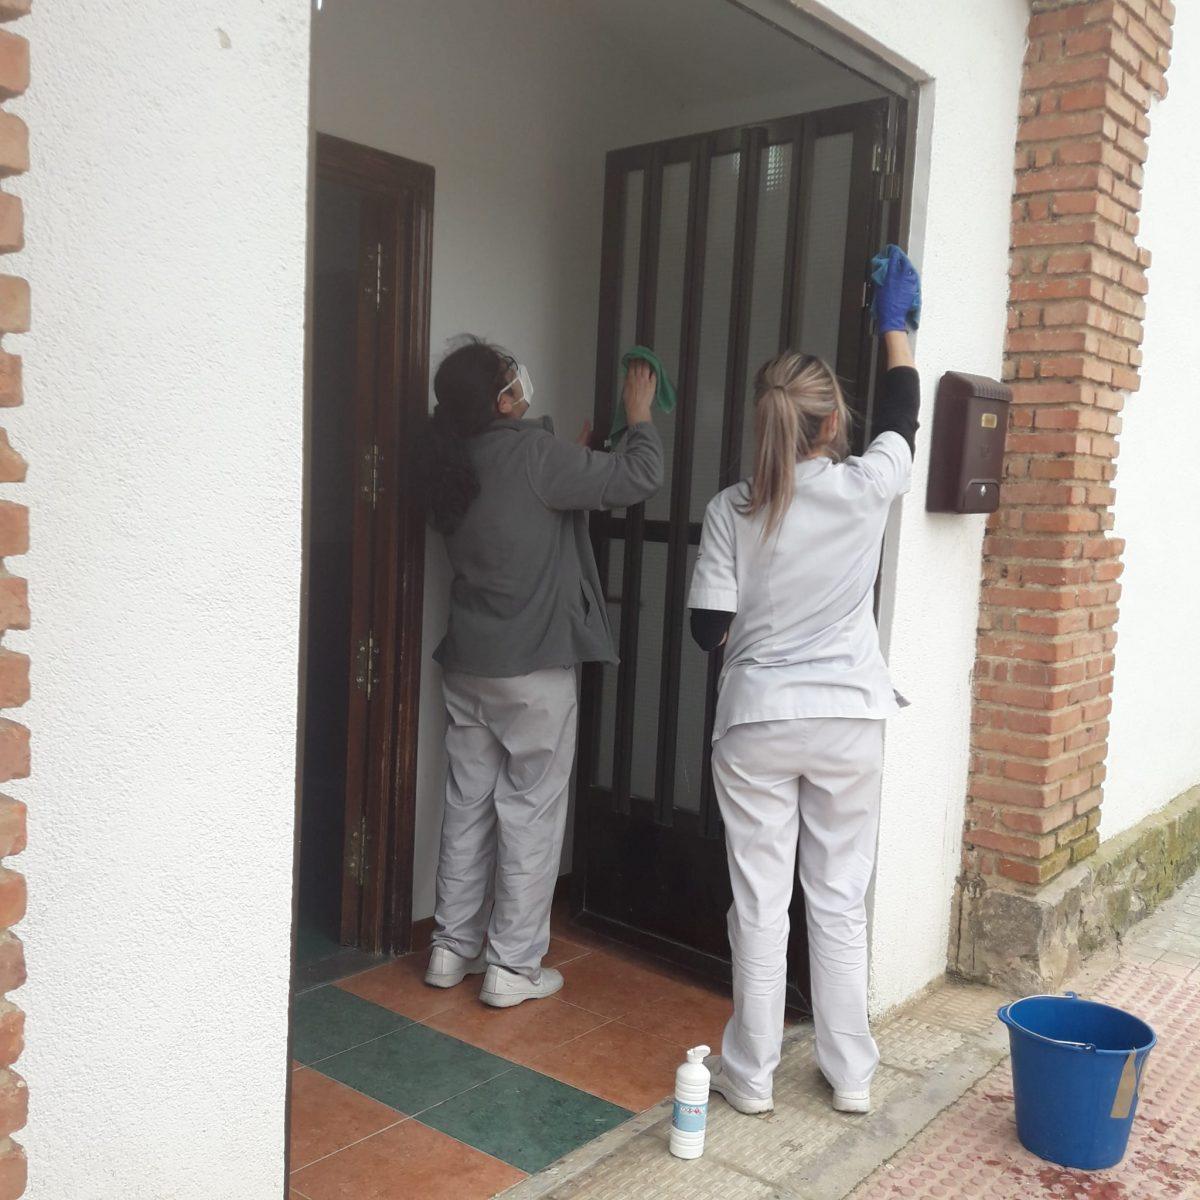 https://www.toledo.es/wp-content/uploads/2021/04/20210403_limpieza_antiguas_escuelas-2-1200x1200.jpeg. El Ayuntamiento pone a disposición de Educación las antiguas escuelas de Azucaica tras su limpieza y adecentamiento